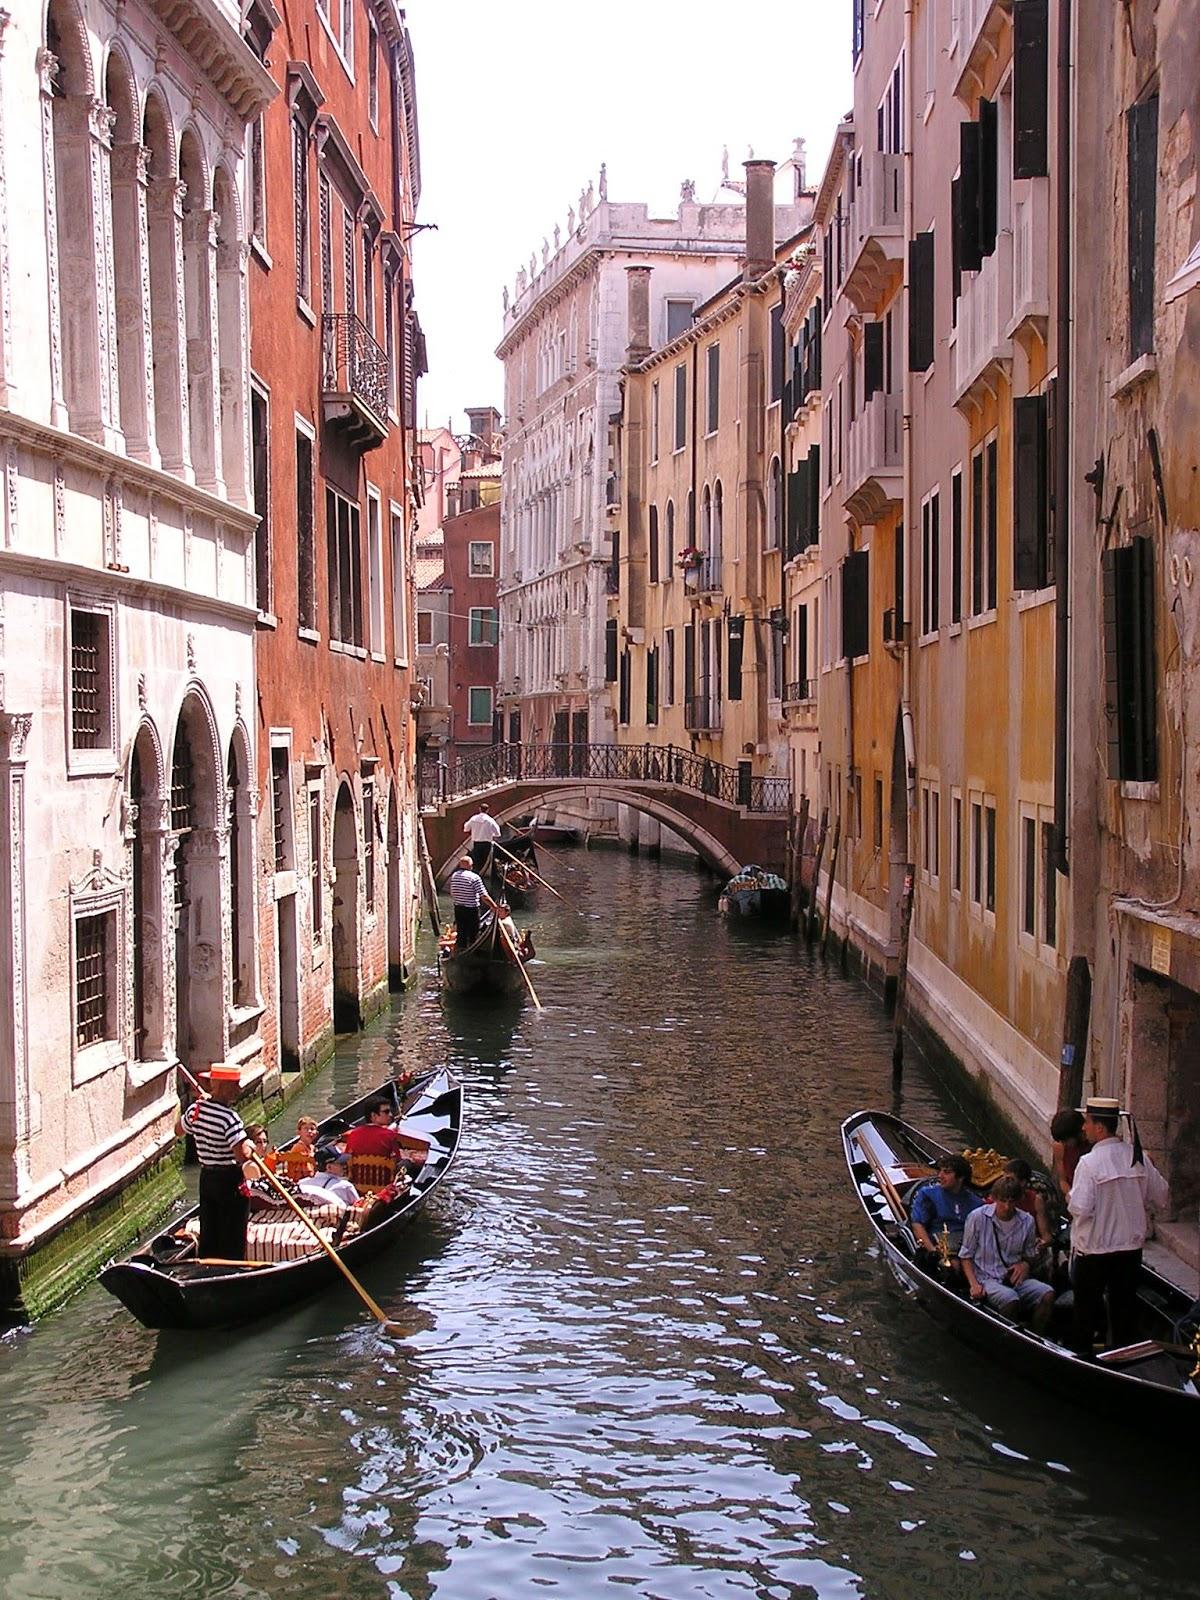 gondolas, canal, Venice, Italy